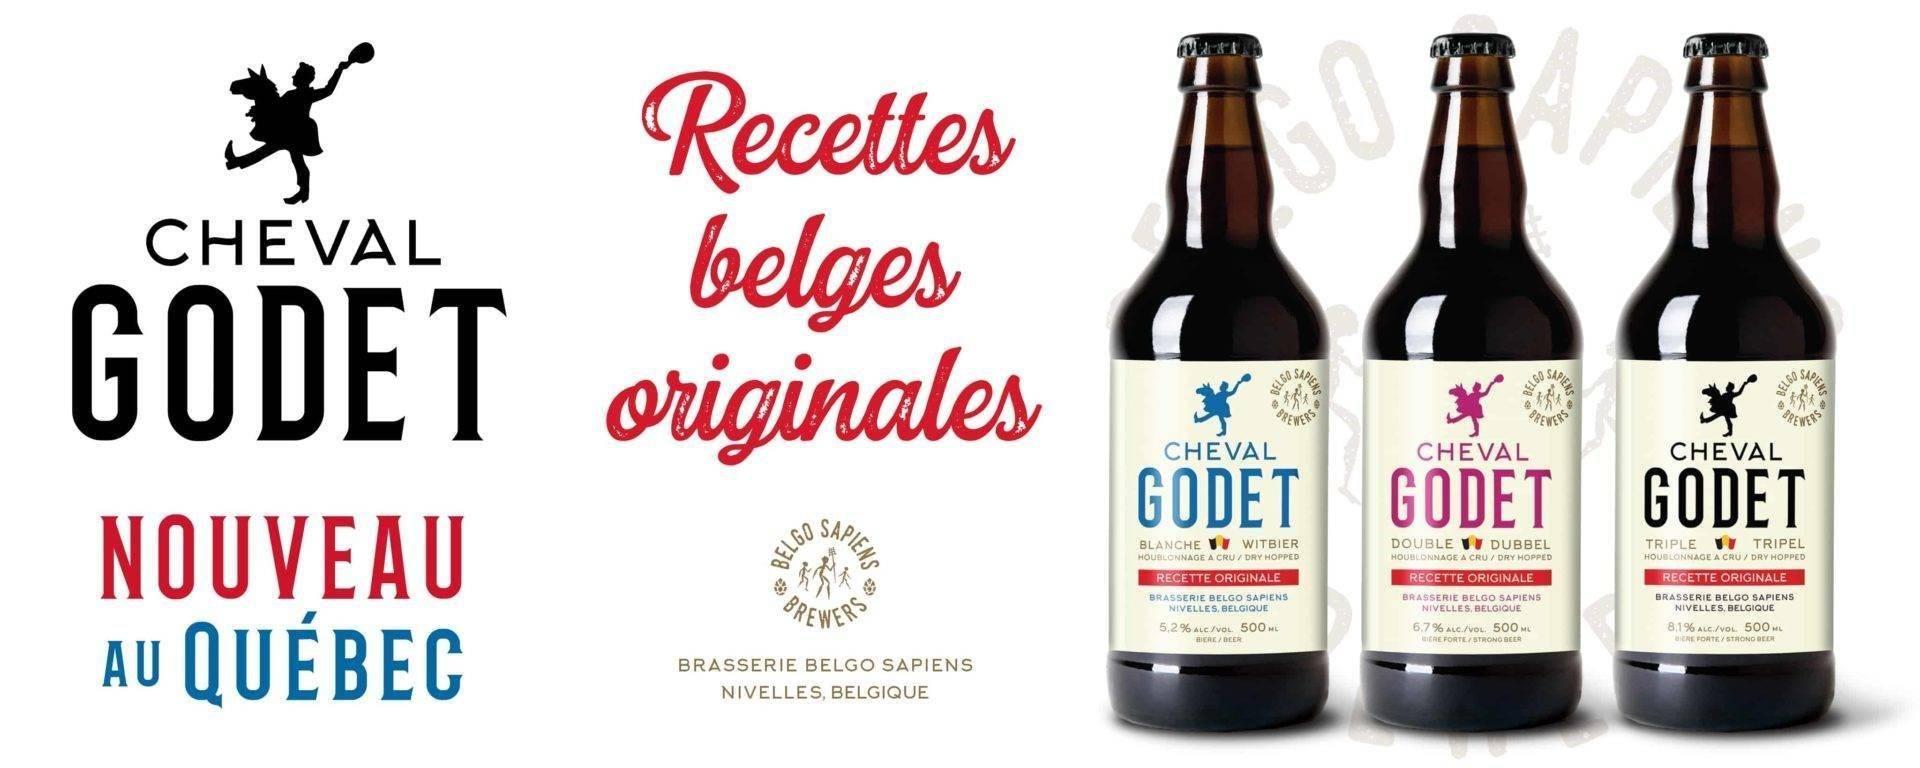 Cheval Godet